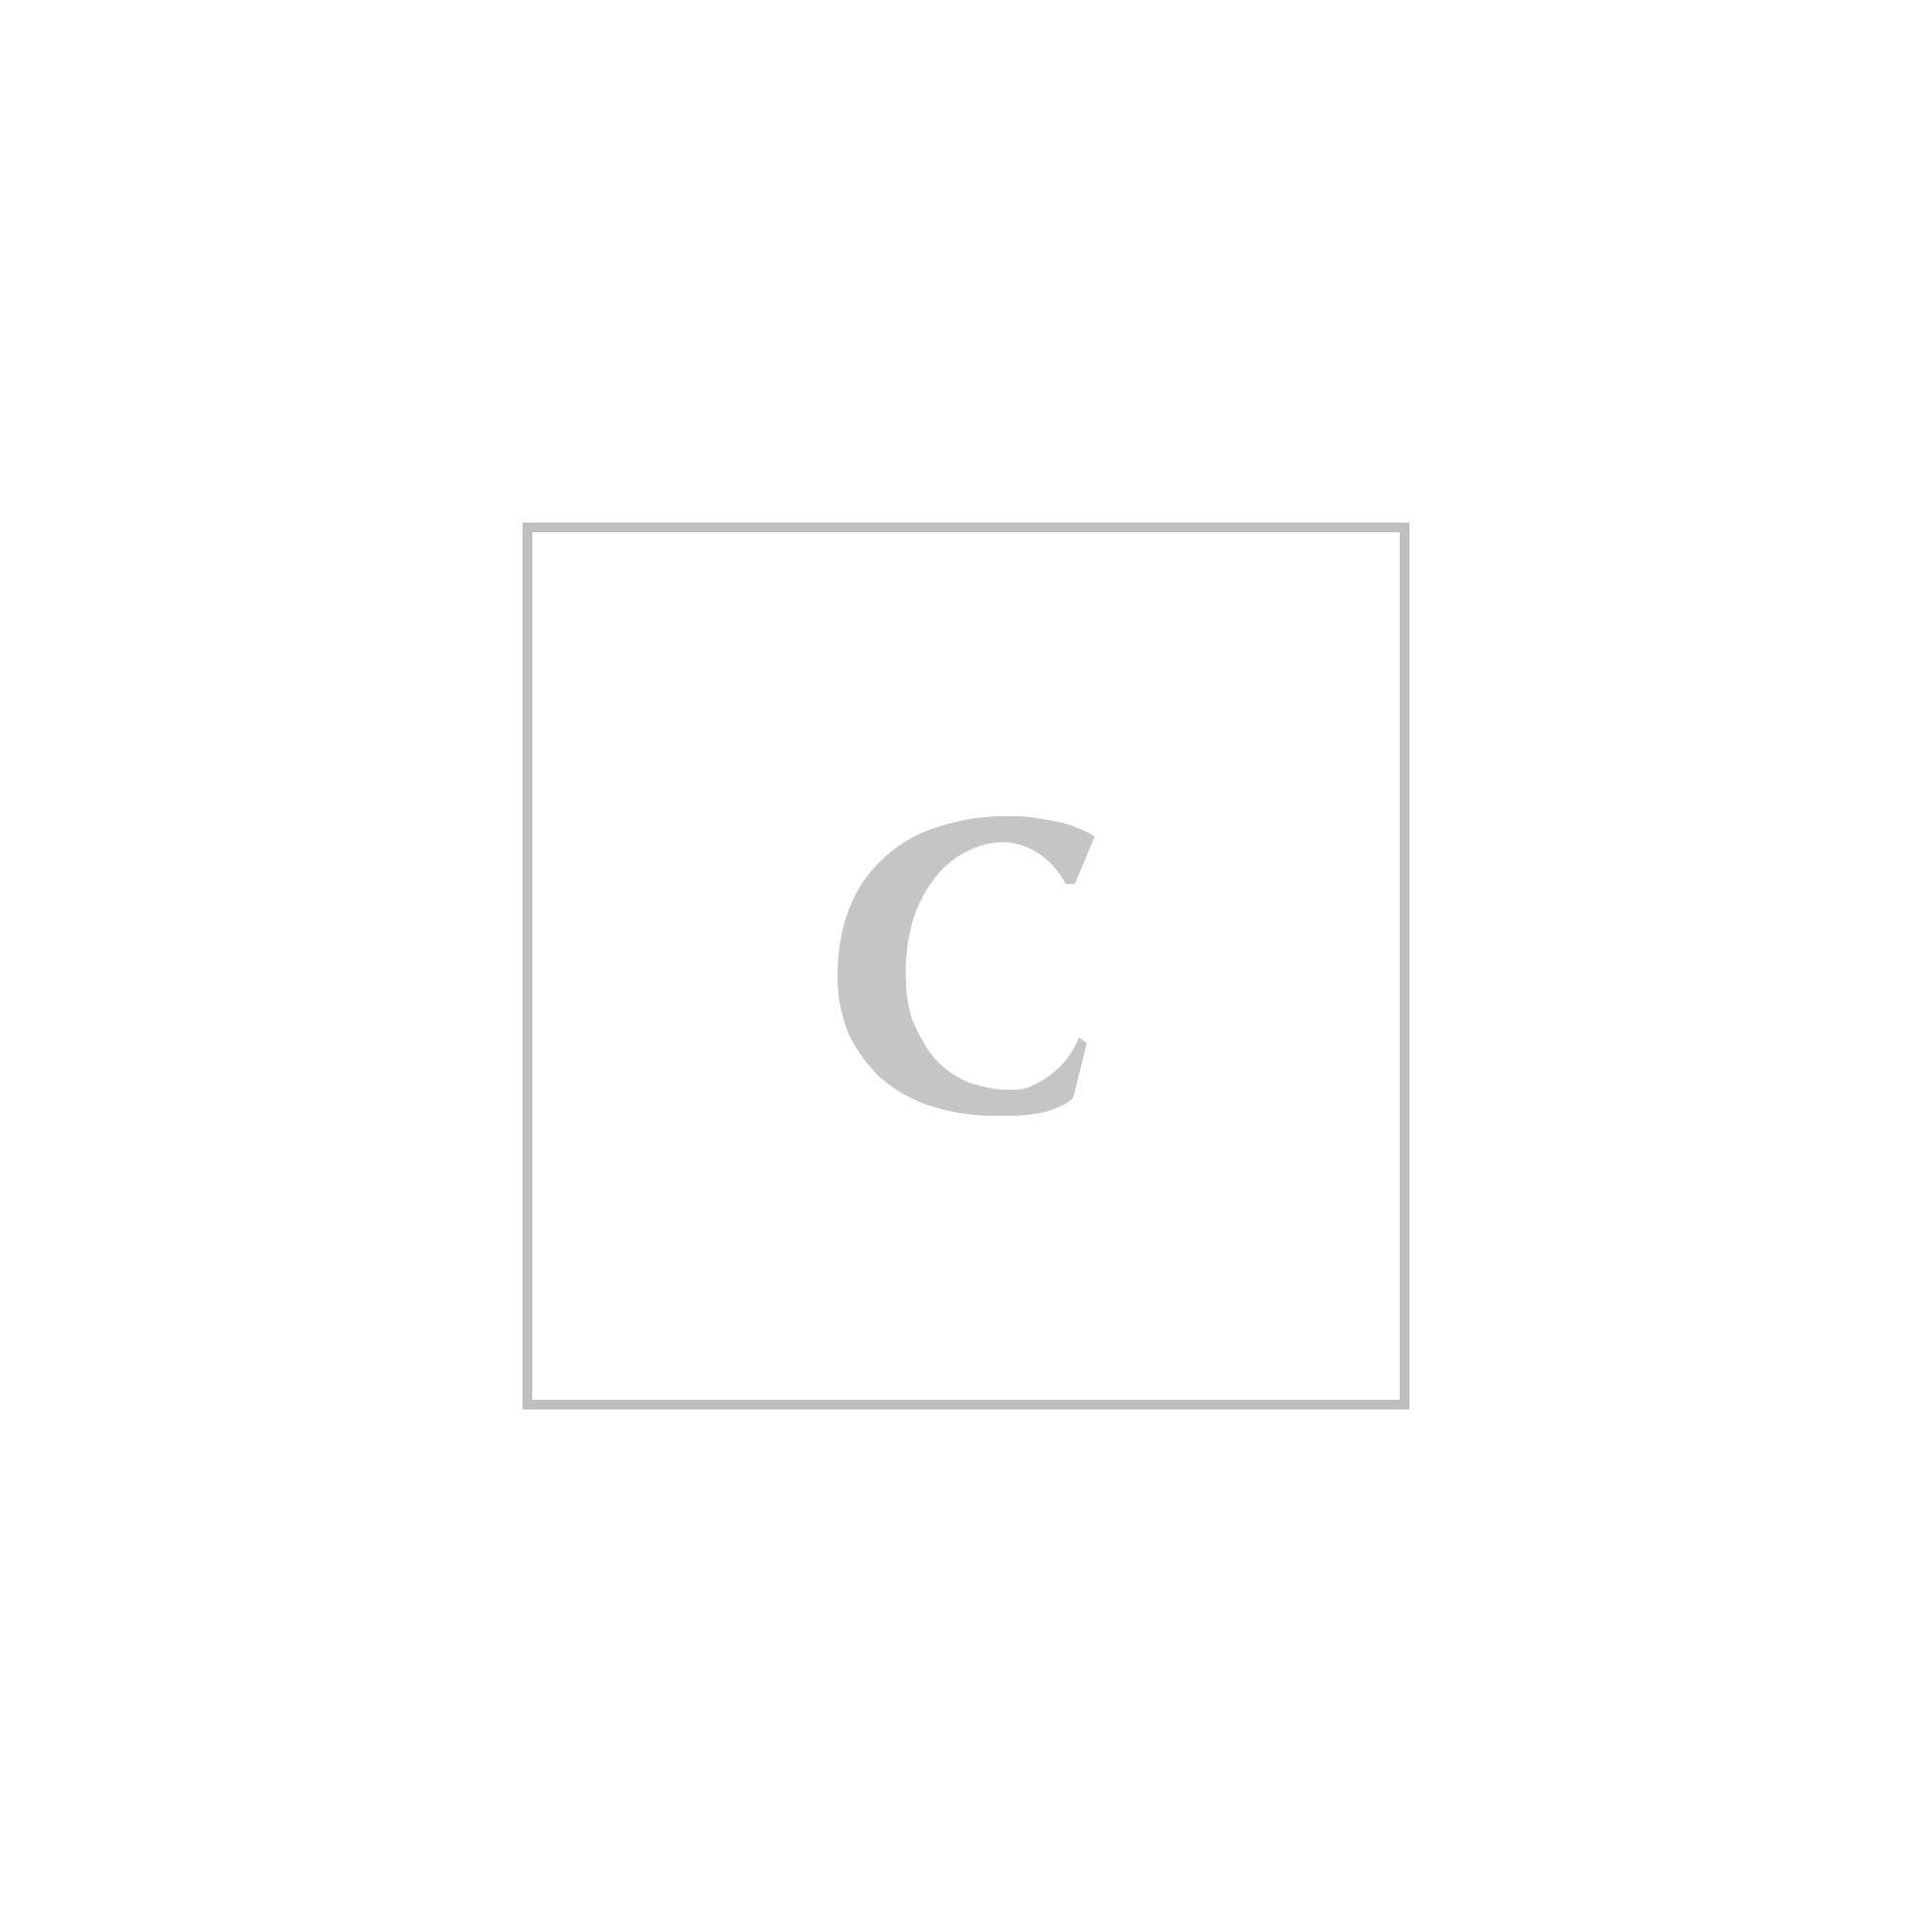 Fendi calfskin clutch